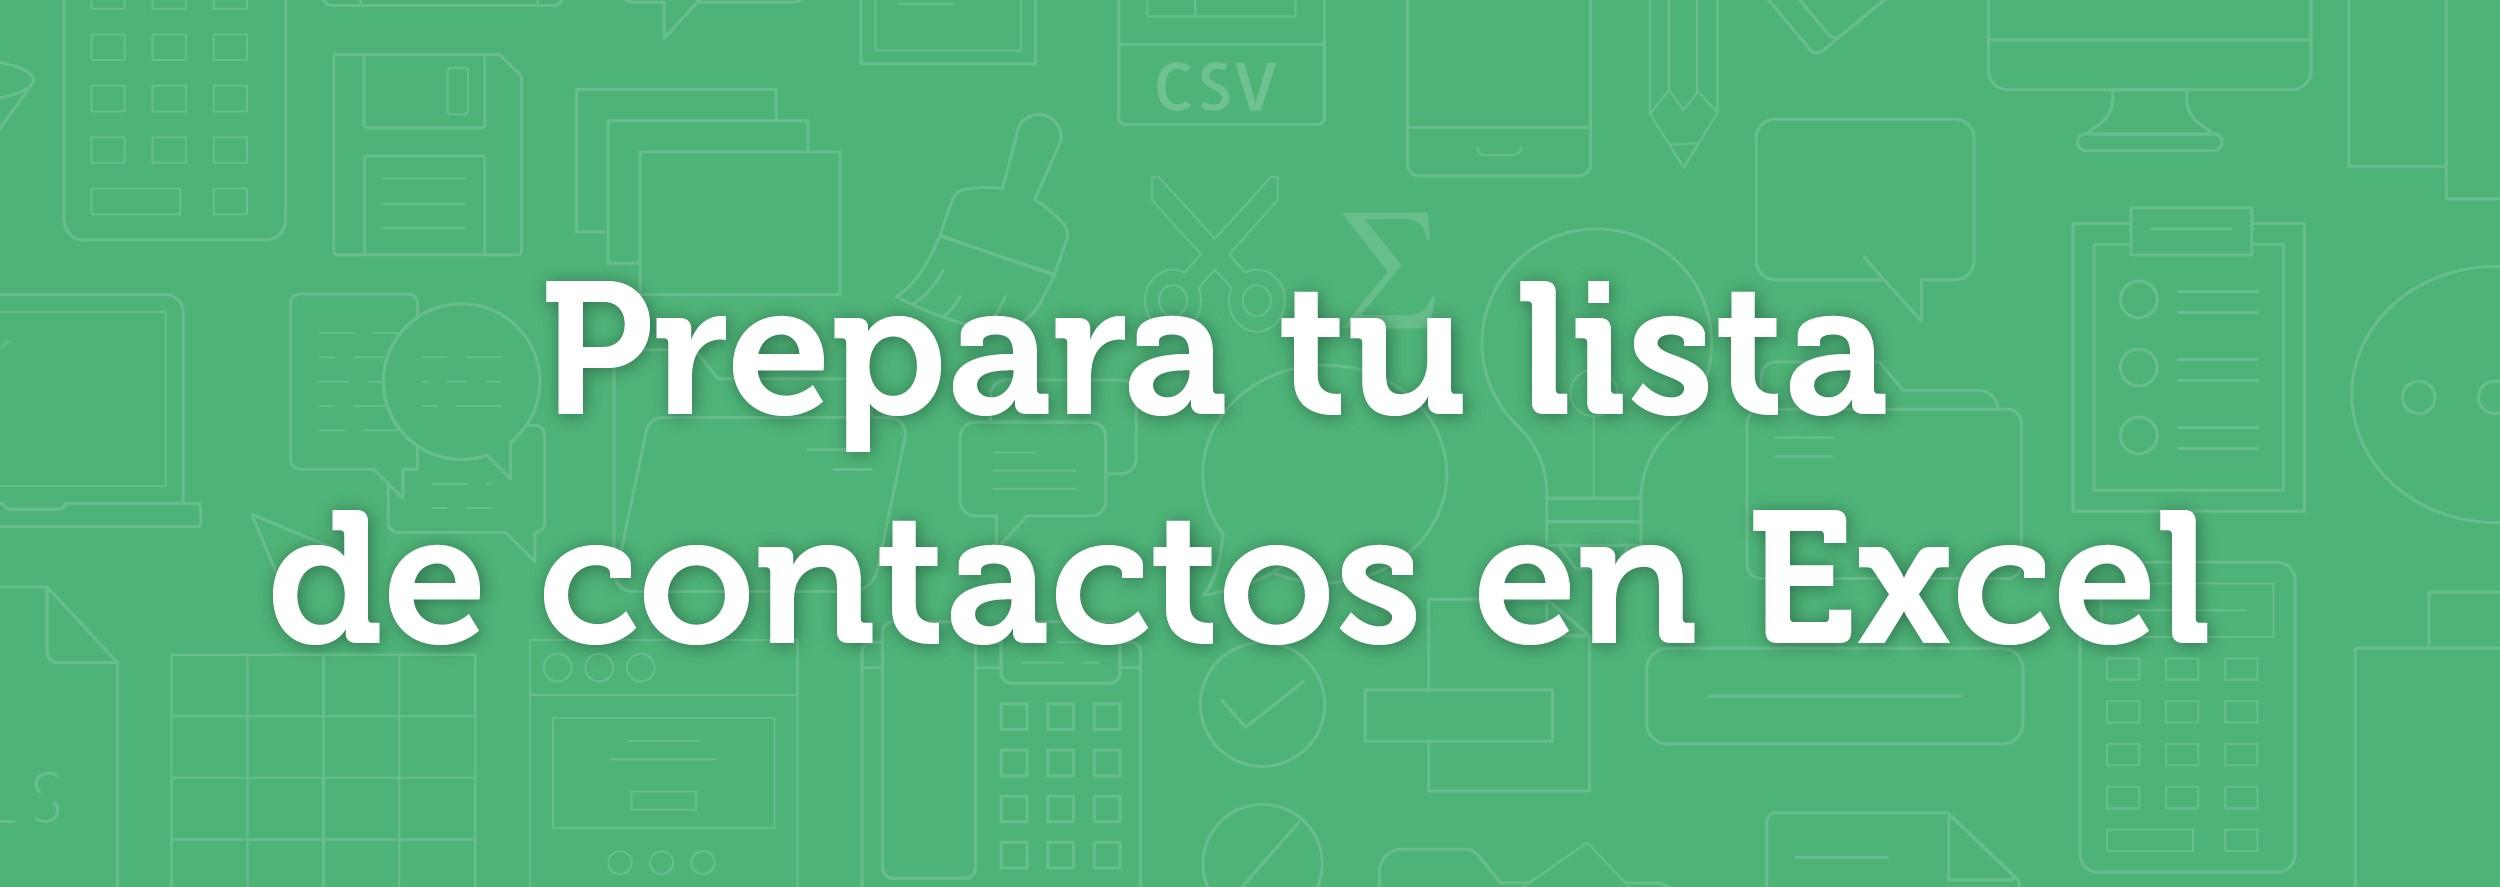 Esendex - prepara tu lista de contactos en Excel